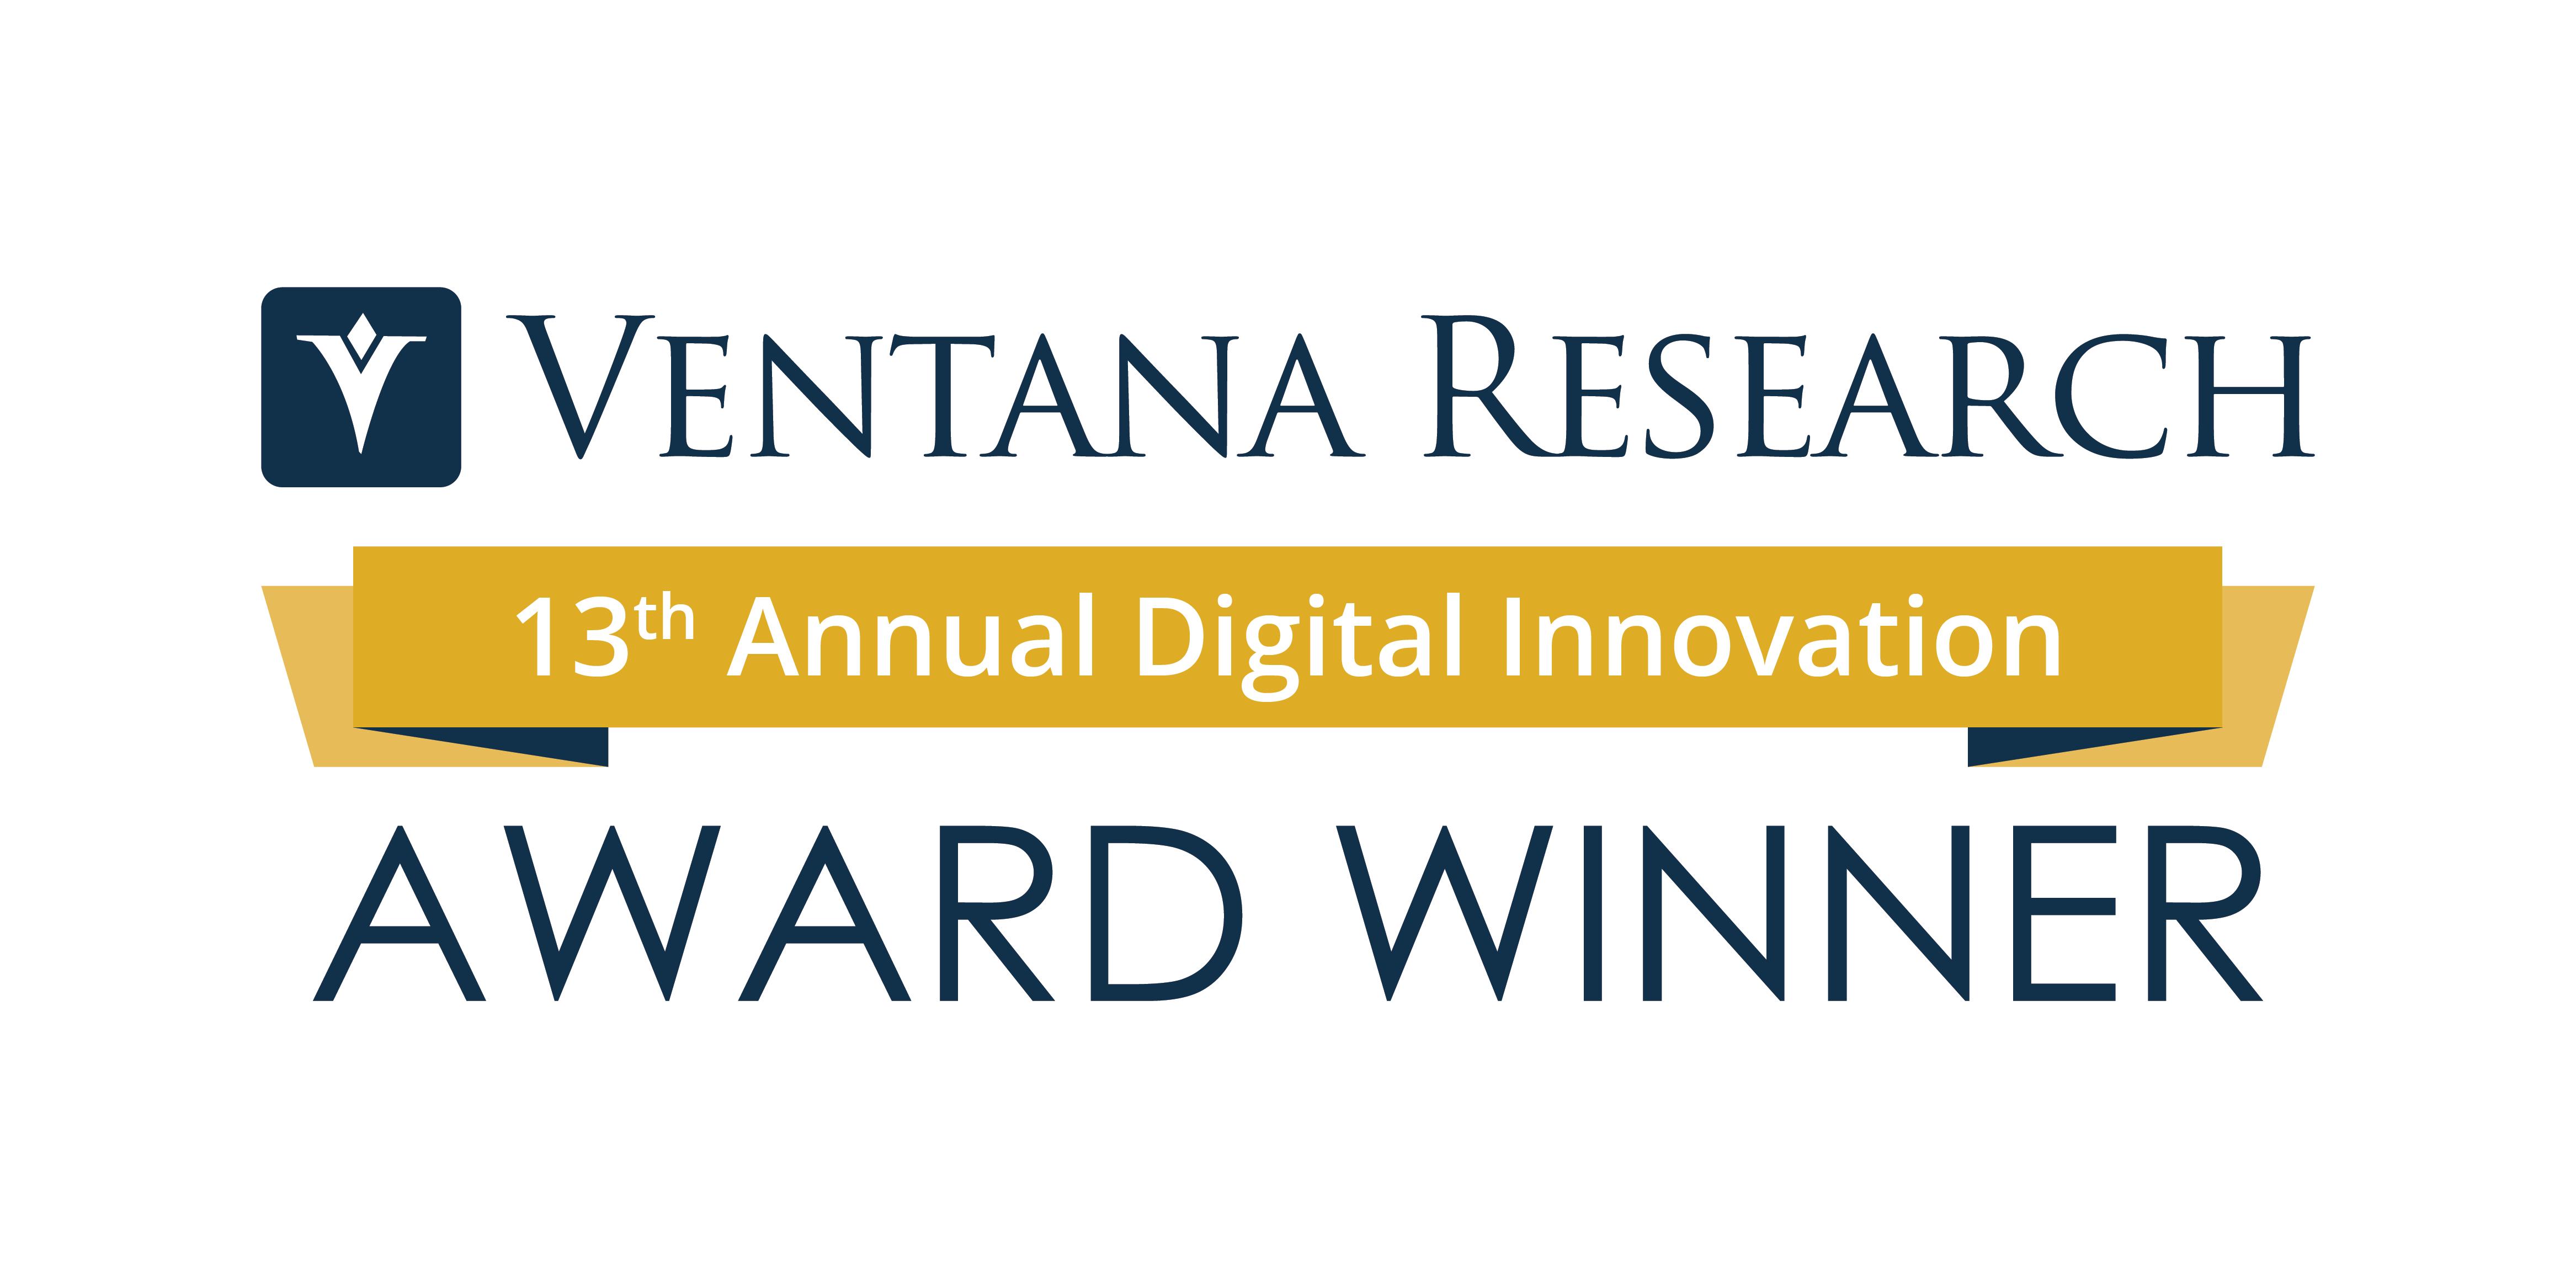 Ventana_Research_13th_Digital_Innovation_Awards_Winner-3